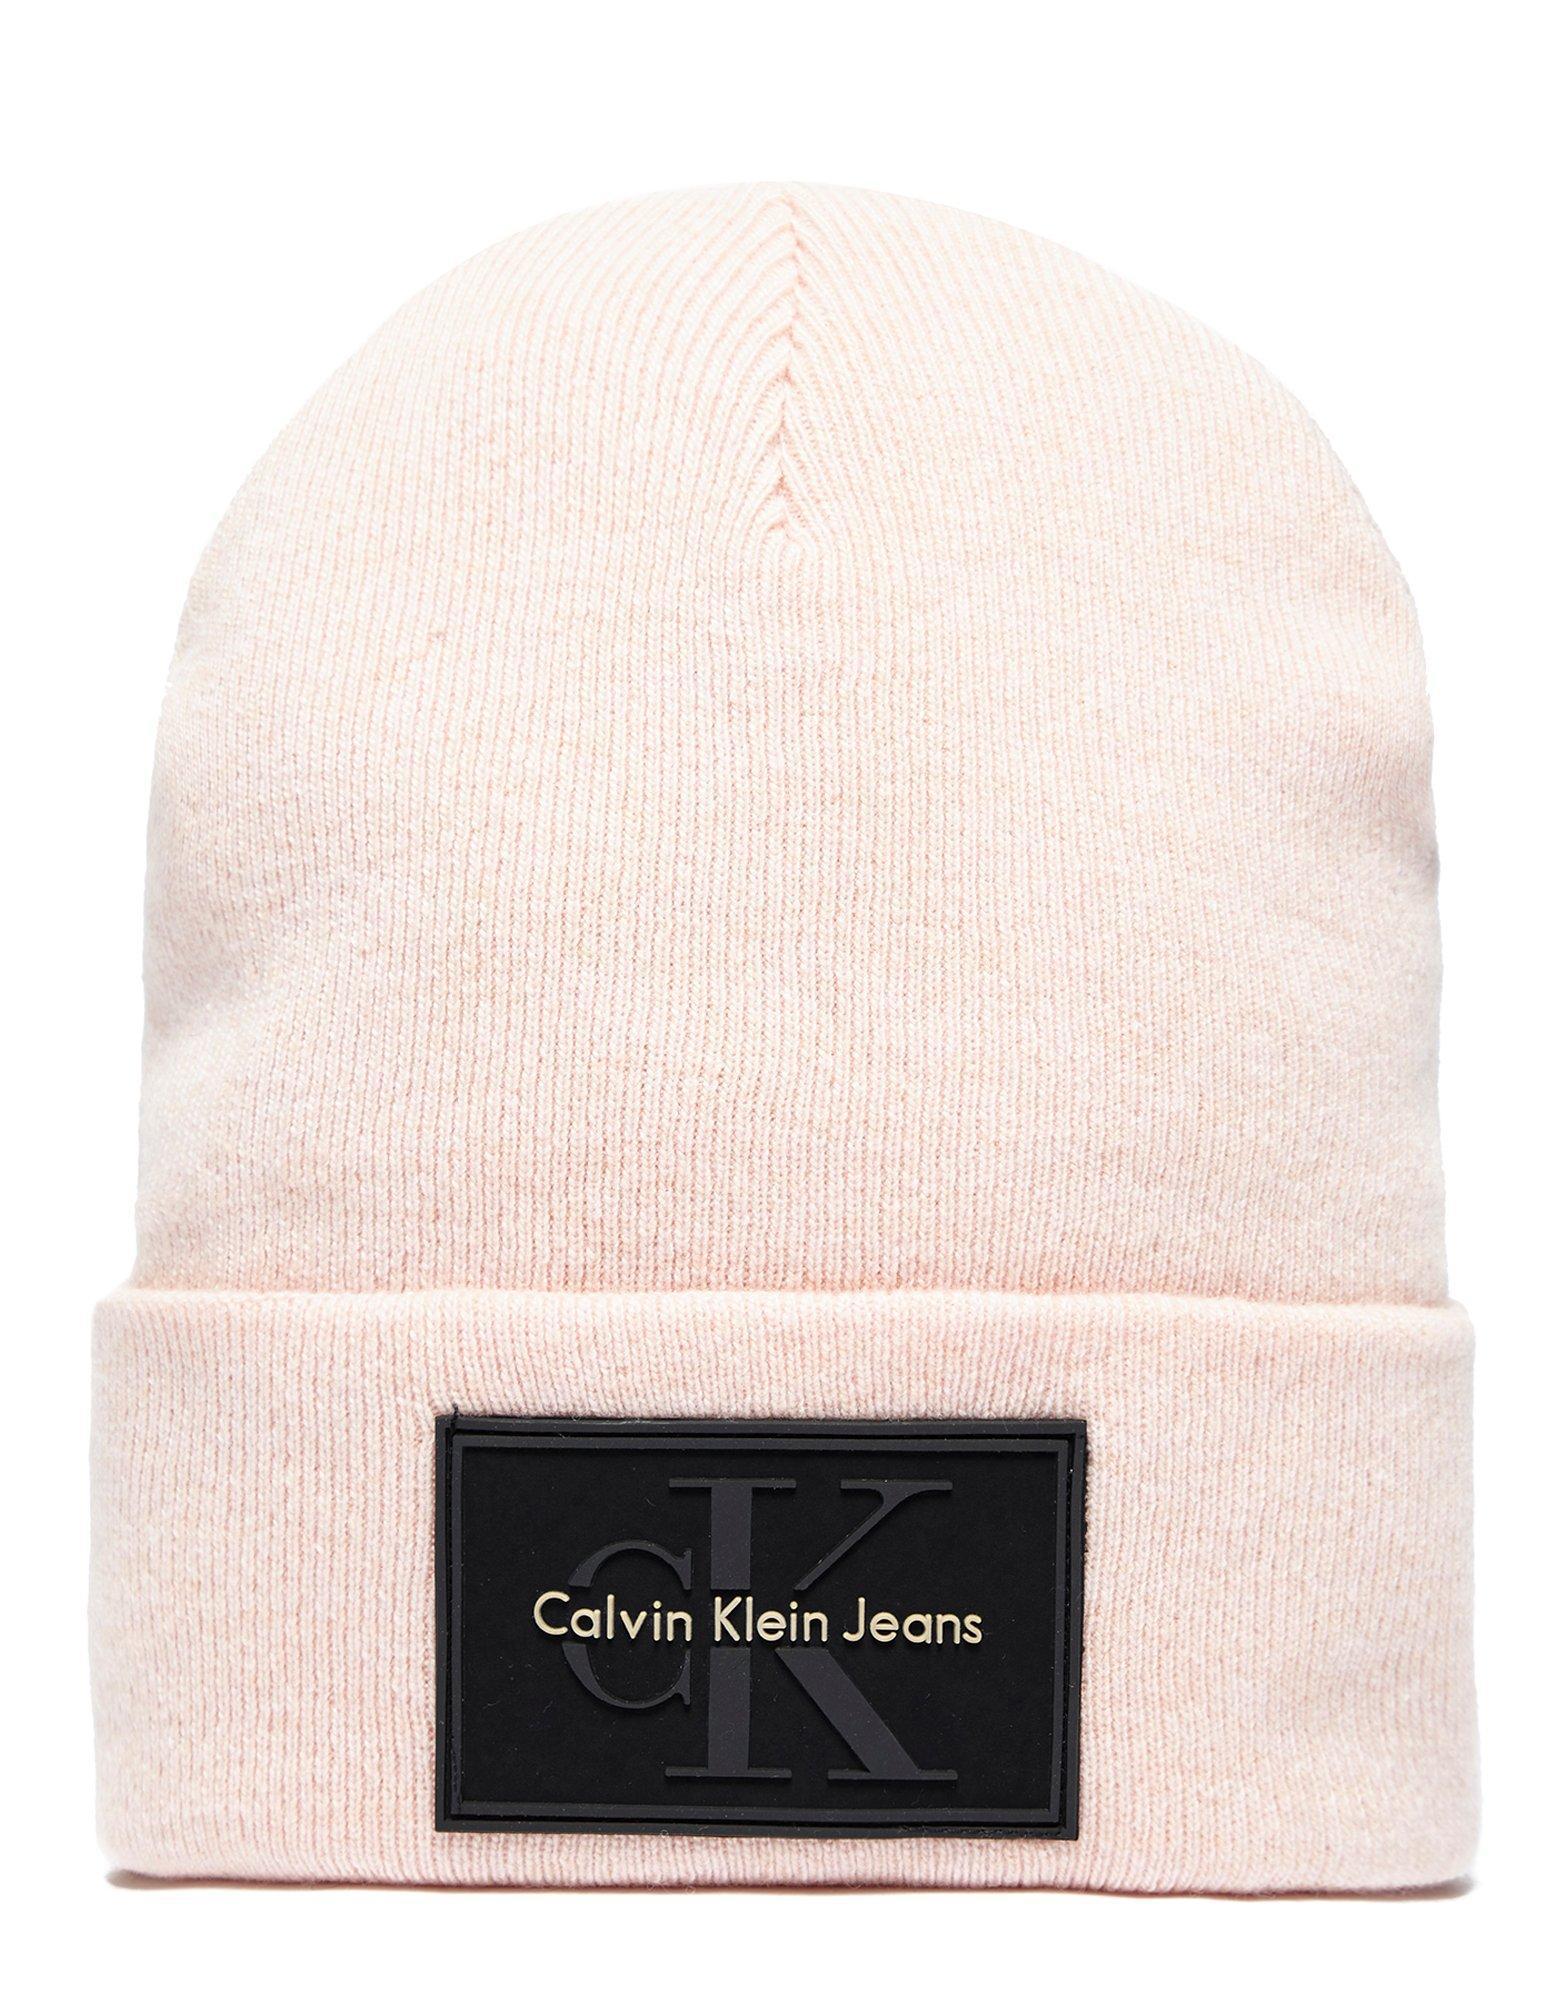 32560ebbe06 Calvin Klein Re-issue Beanie in Pink for Men - Lyst